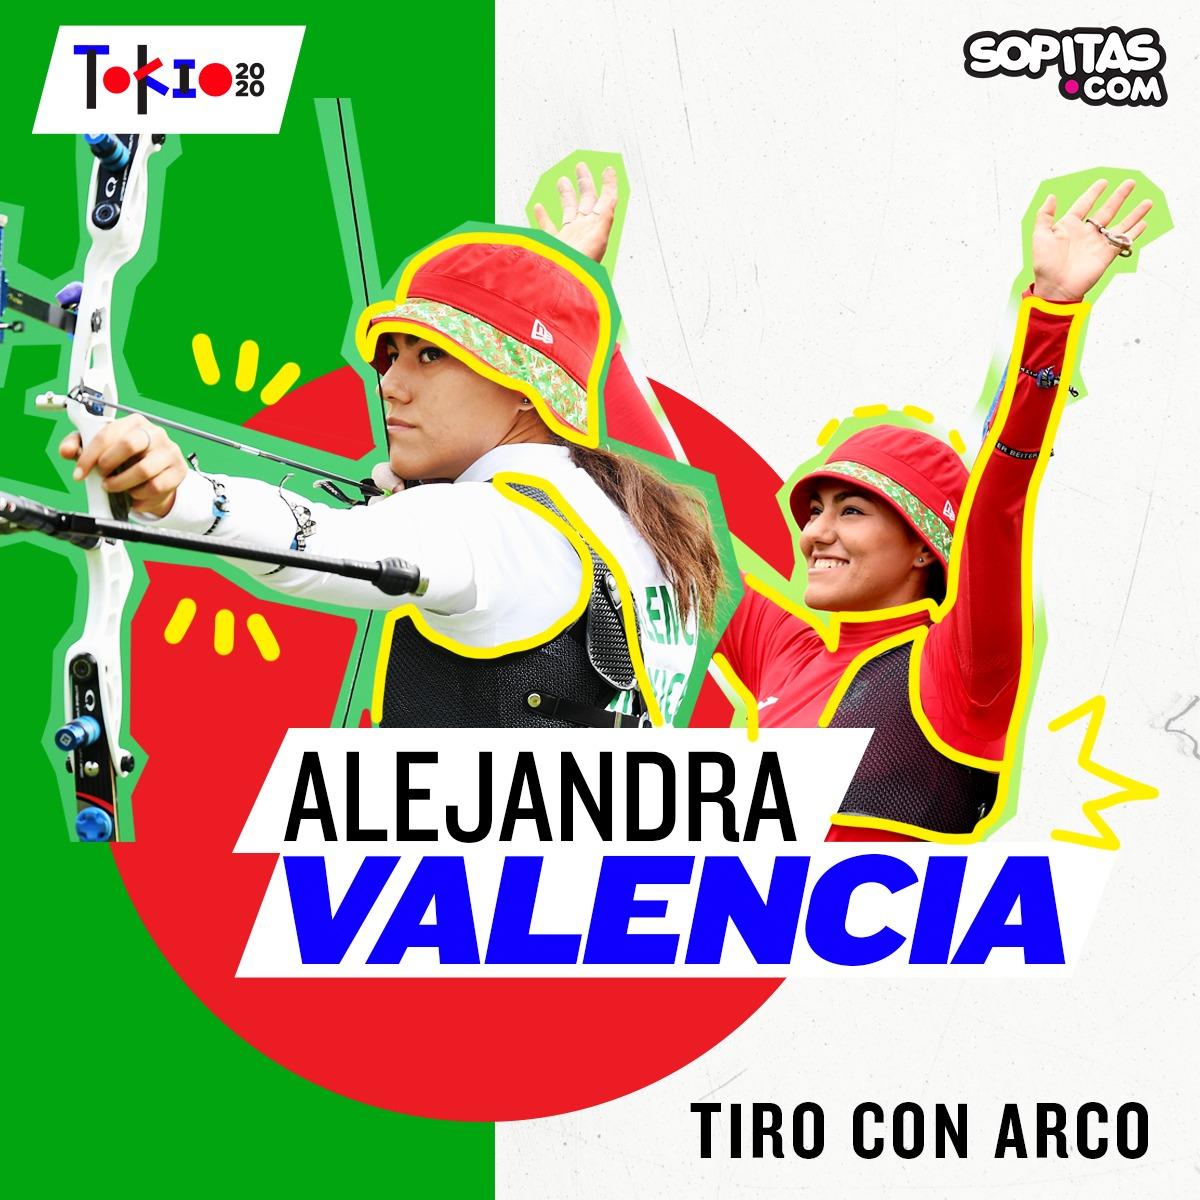 Alejandra Valencia, la diseñadora gráfica que llegó al tiro con arco por casualidad